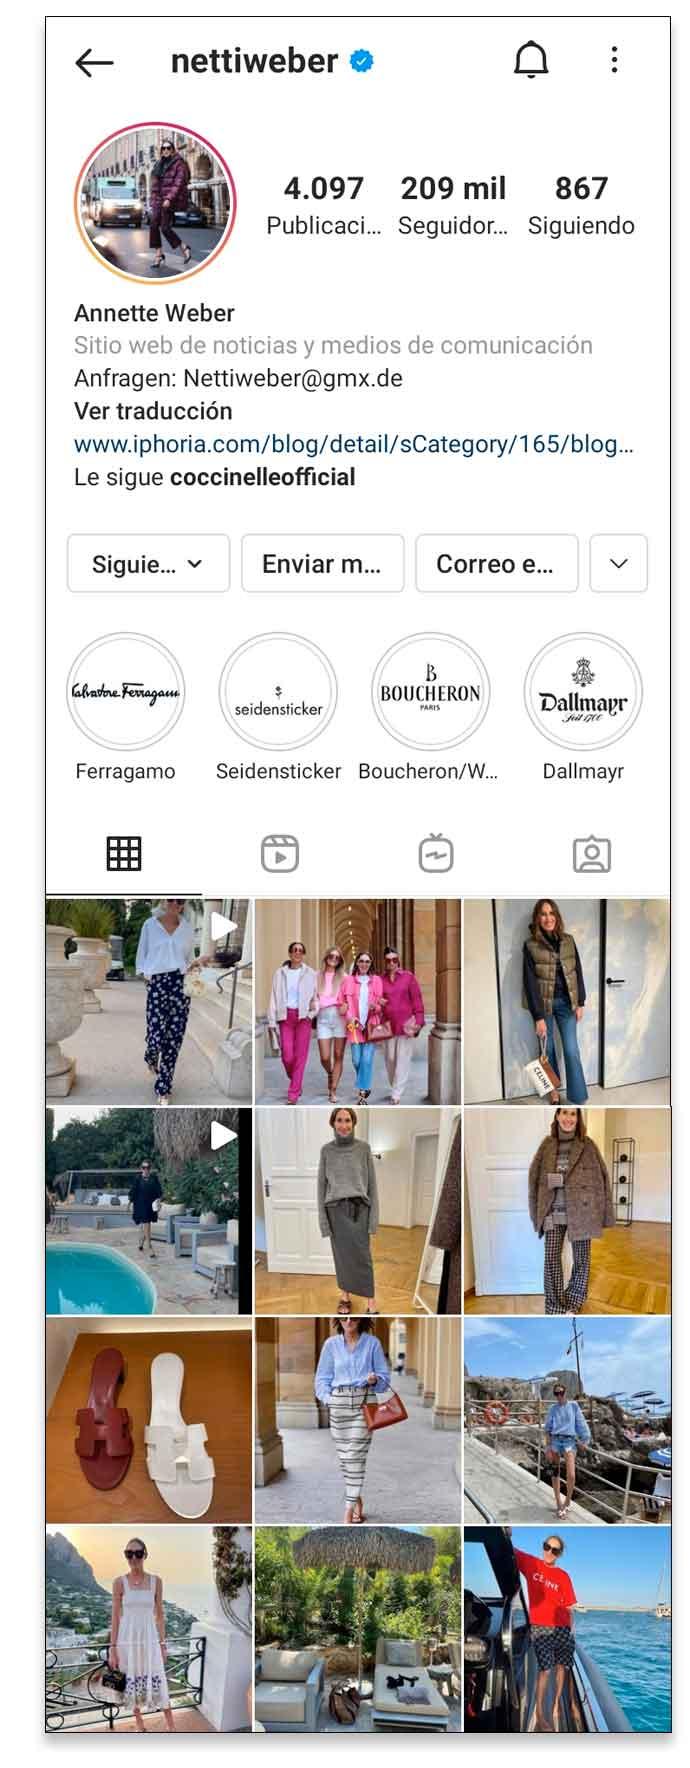 Ejemplo de un buen plan de contenido para Instagram